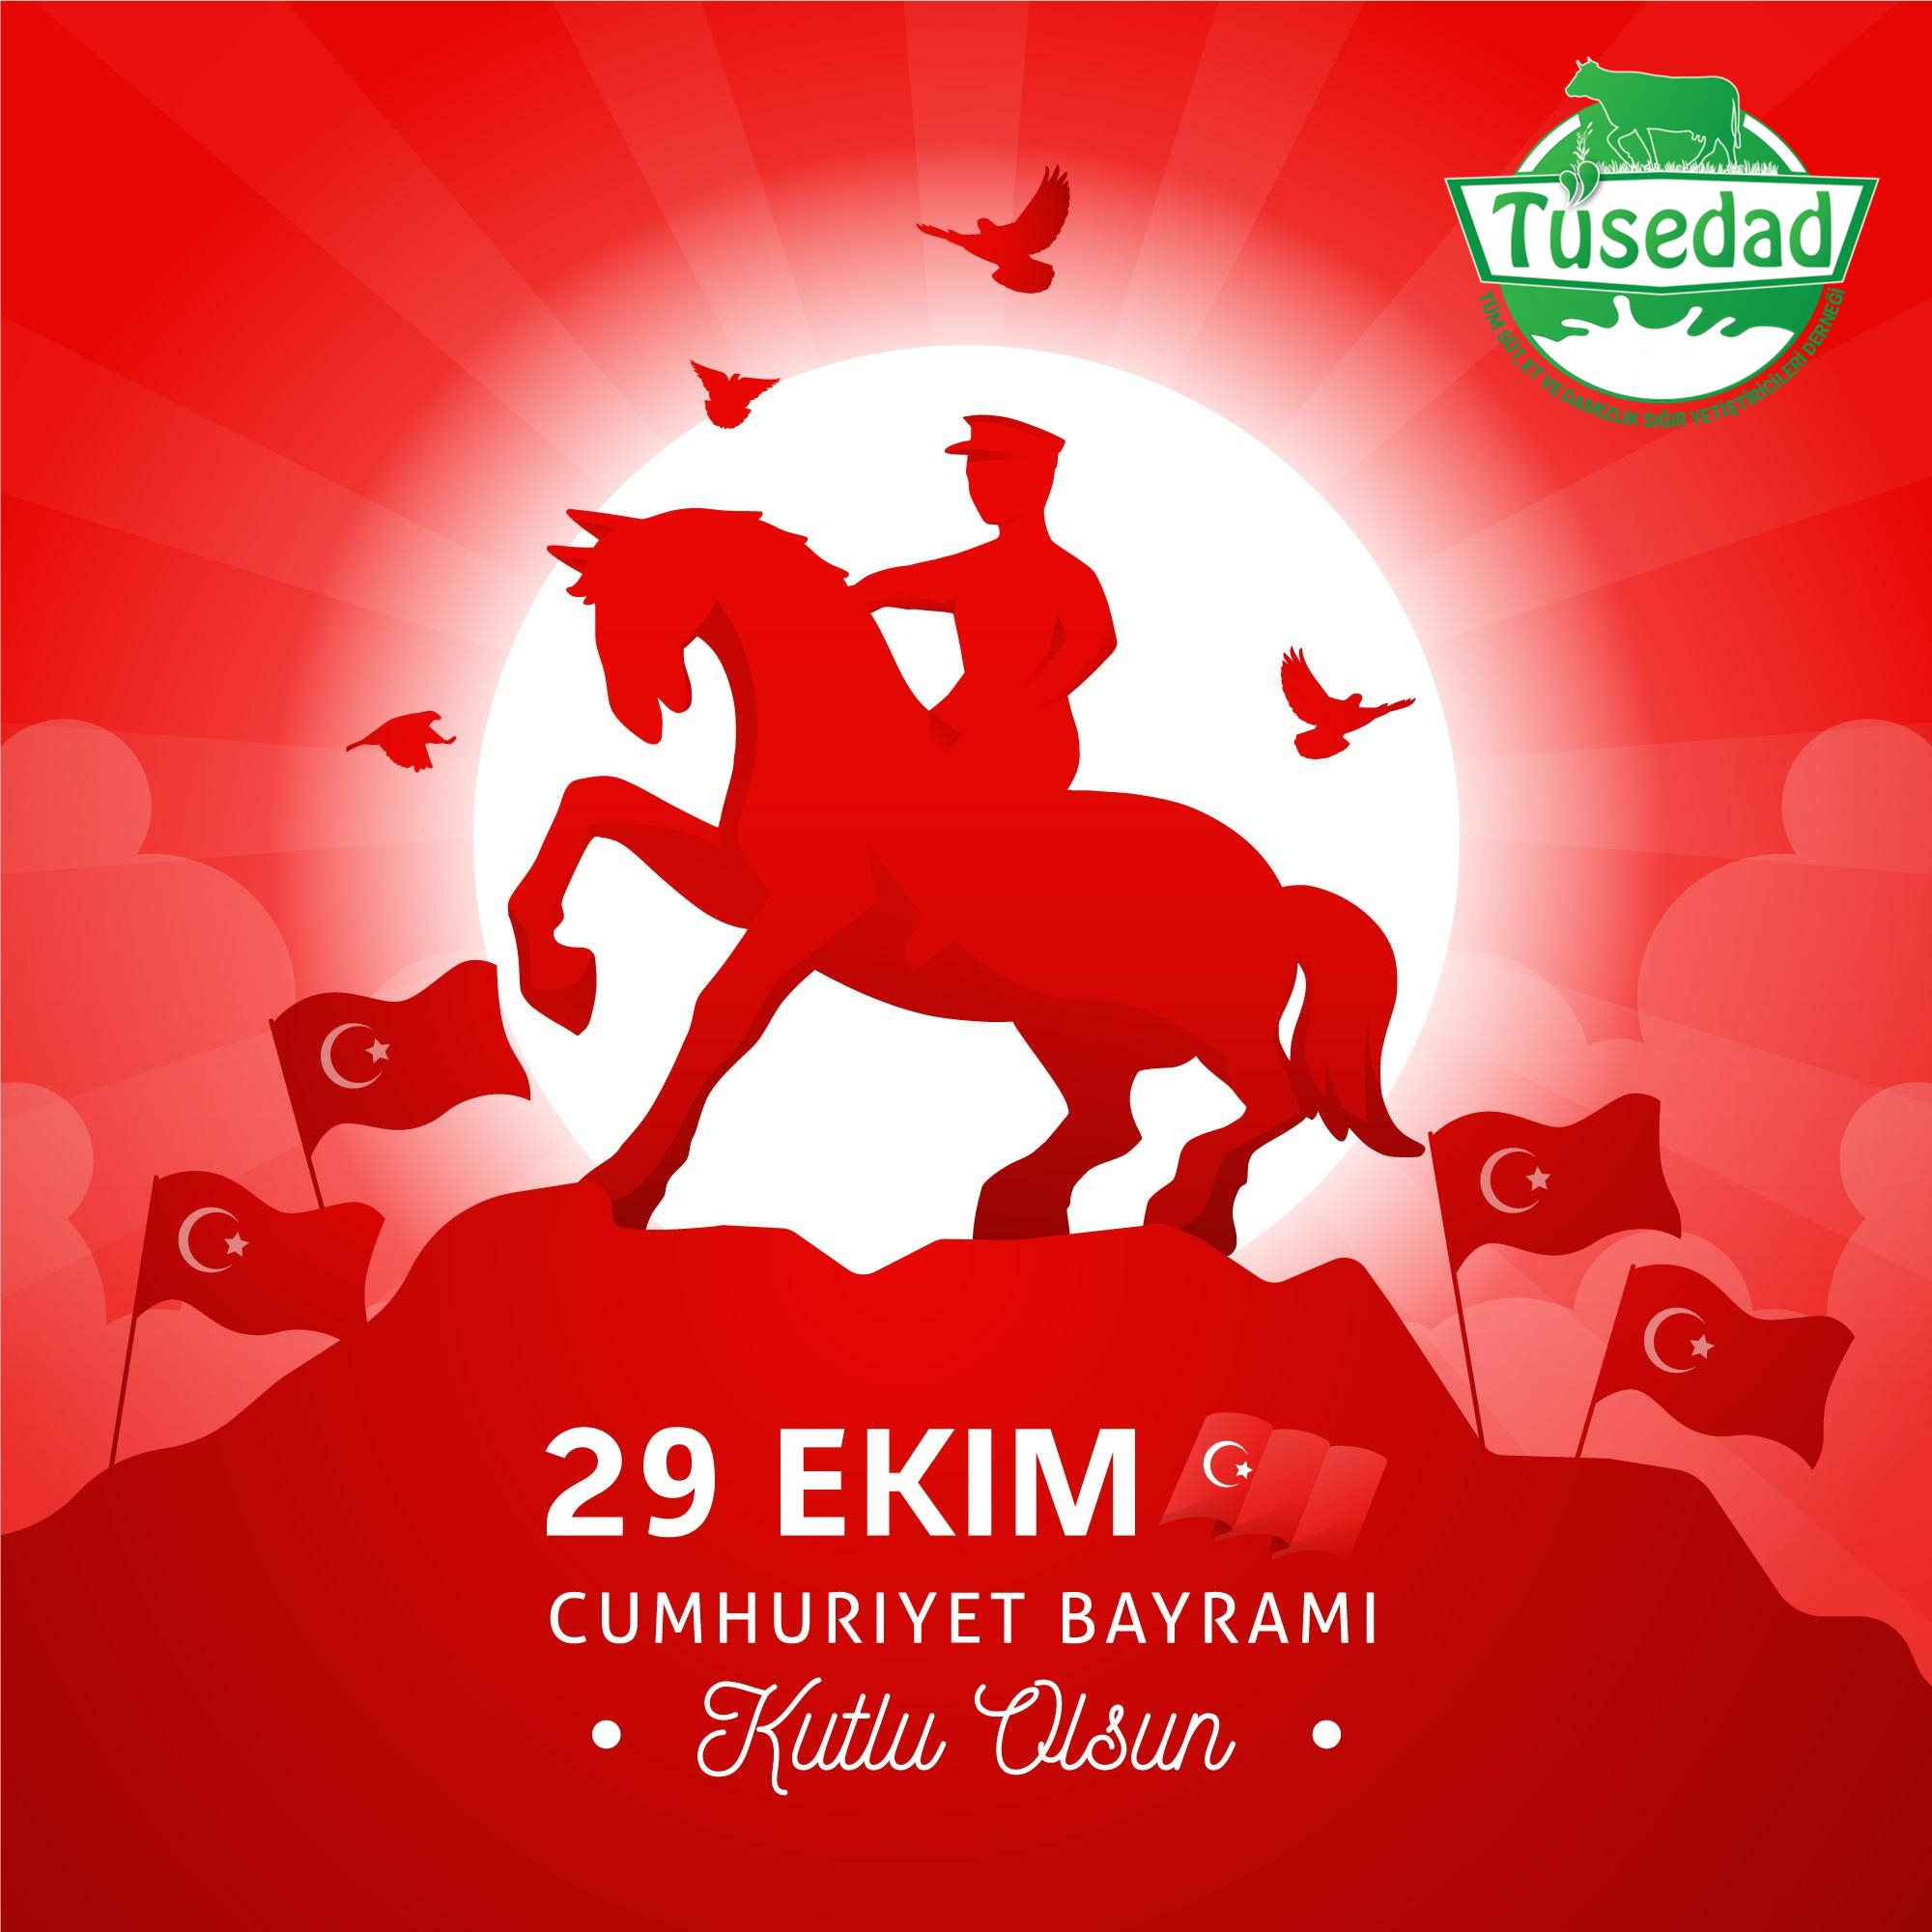 29 EKİM CUMHURİYET BAYRAMIMIZ KUTLU OLSUN !!!